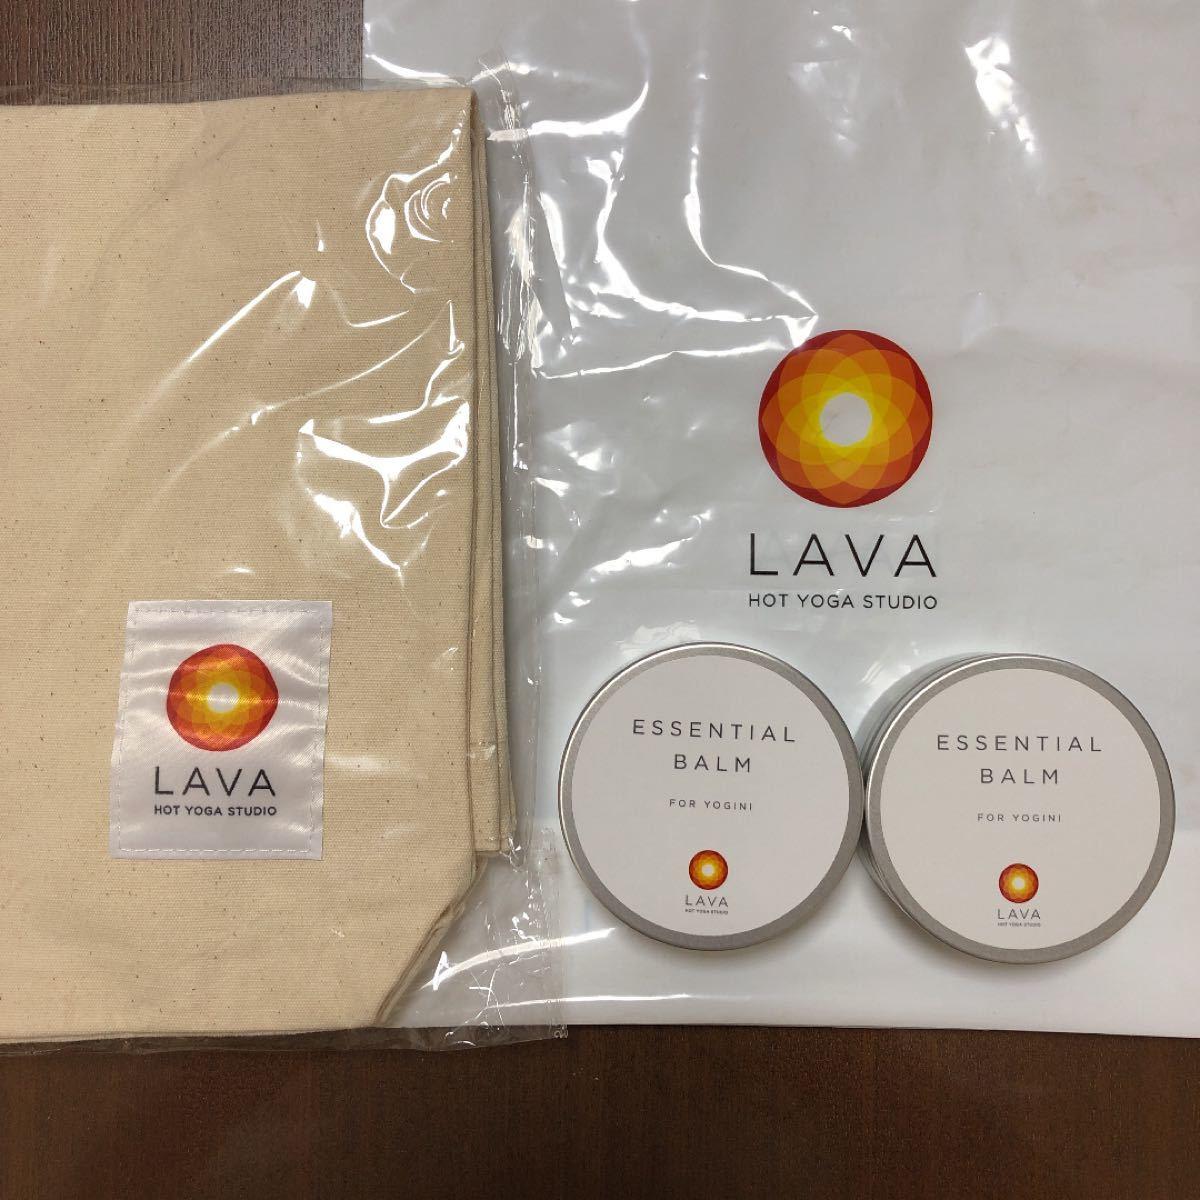 LAVA バーム 2個 トートバッグ